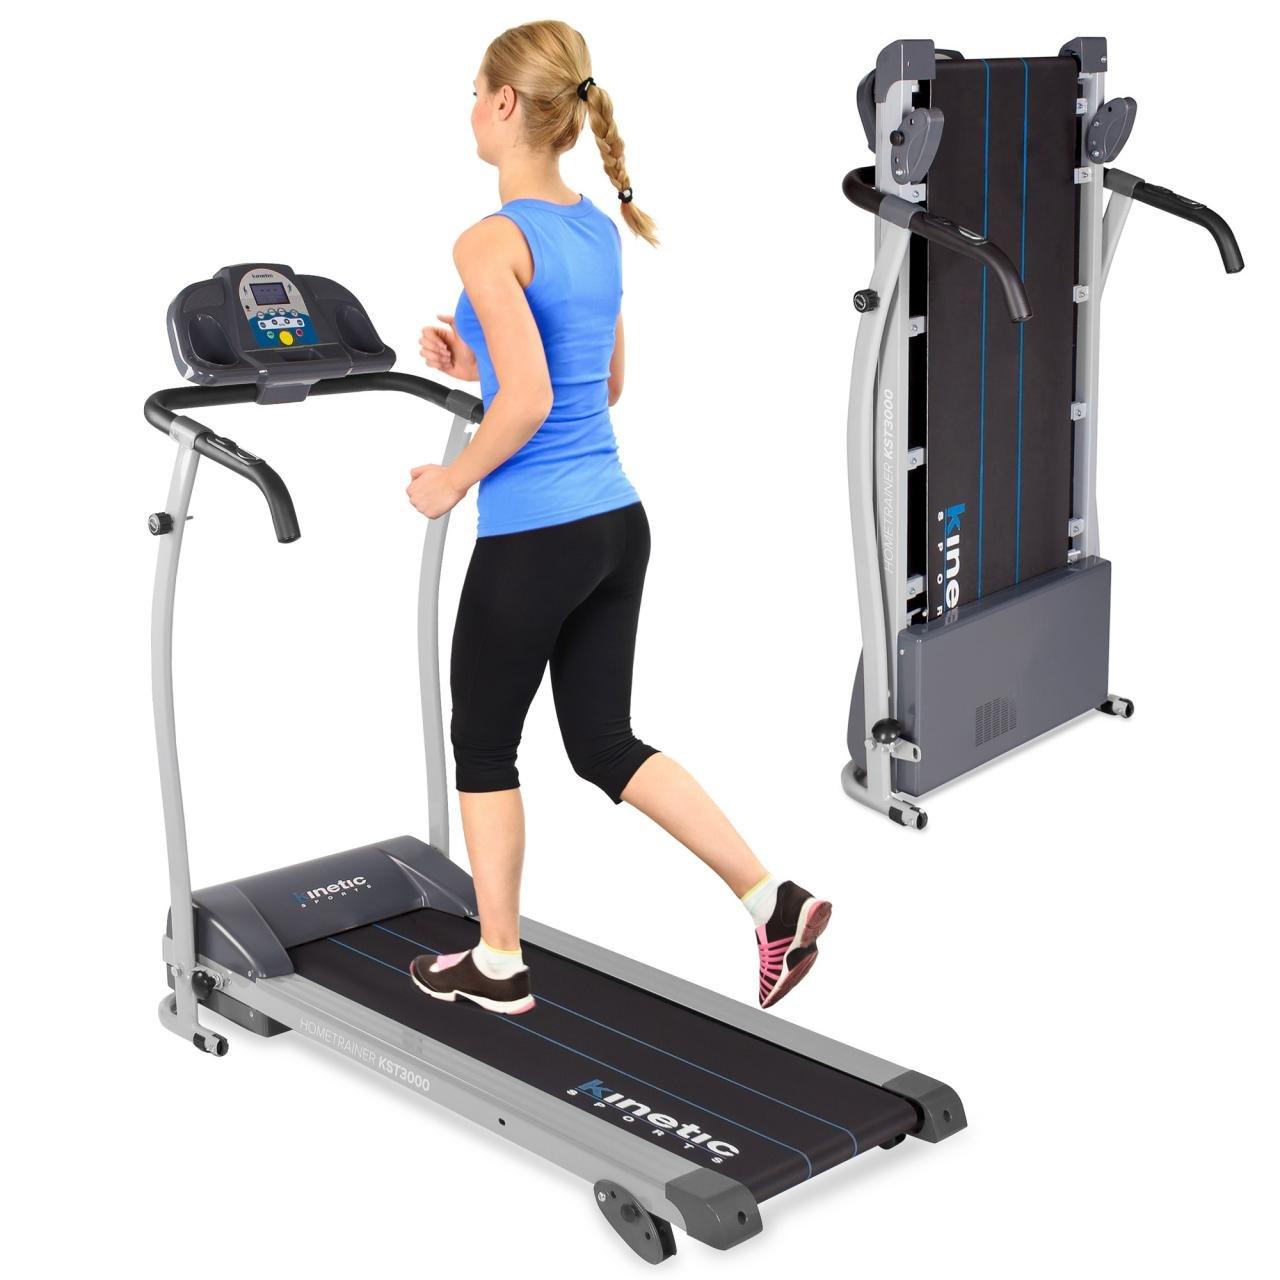 Kinetic Sports Laufband 1100 Watt 12 Trainingsprogramme für GEH- u. Lauftraining, integrierte Lautsprecher, stufenlos einstellbar bis 12 km h klappbar